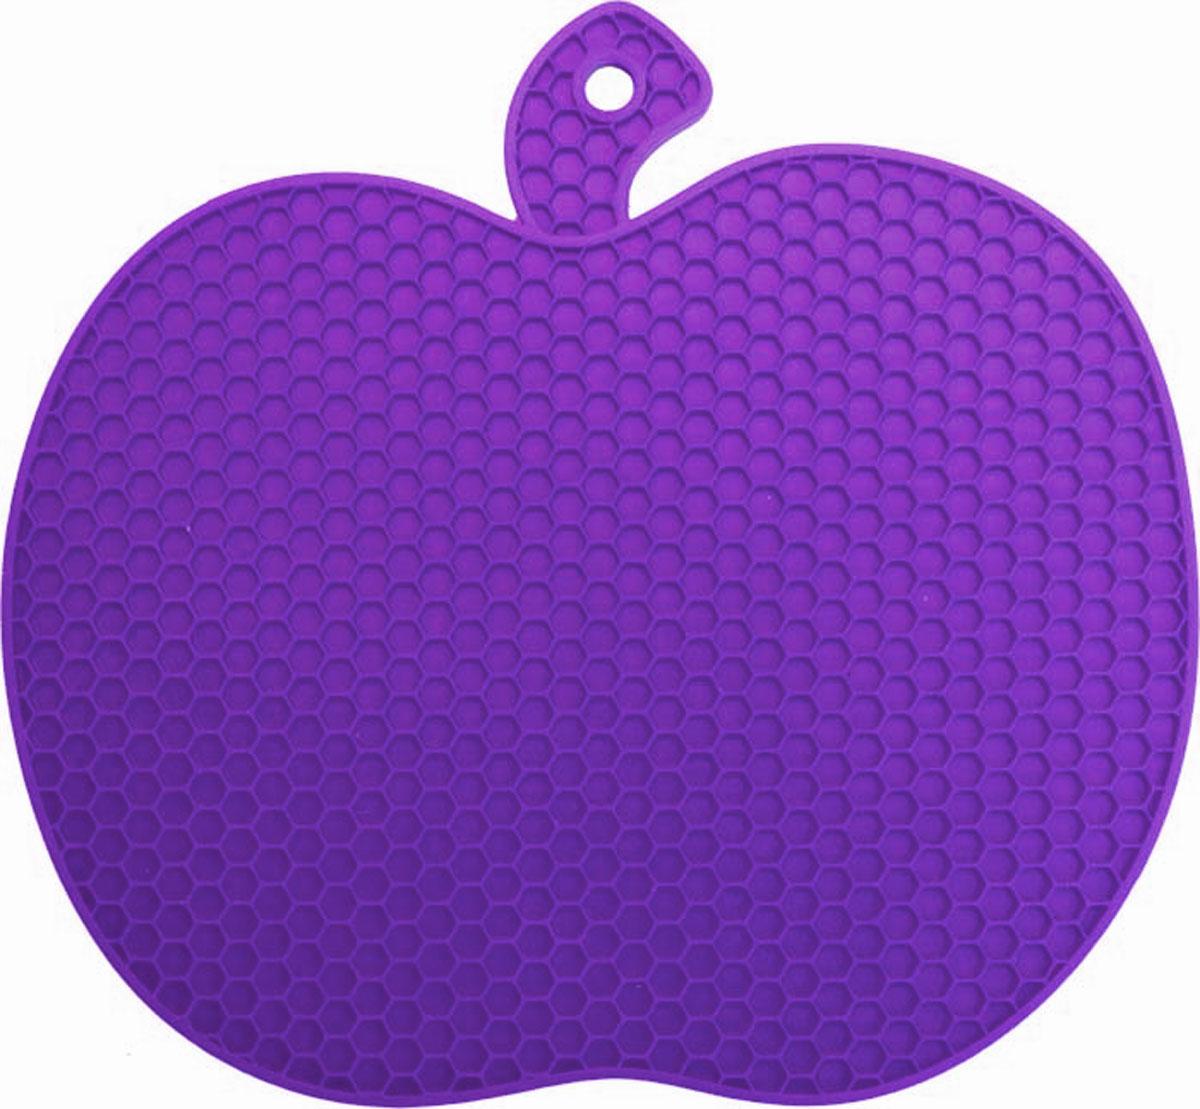 Подставка под горячее Marmiton Яблоко, силиконовая, цвет: фиолетовый, 19 х 18 х 0,6 см12134_фиолетовыйПодставка под горячее Marmiton Яблоко станет забавным украшением вашей кухни. Подставкаизготовлена из силикона, что позволяет ей выдерживать высокие температуры и не поцарапатьповерхность стола. Силикон устойчив к фруктовым кислотам, обладает естественнымантипригарным свойствомТакая подставка придется по вкусу человеку, ценящему практичные и оригинальные вещи. Можно мыть и сушить в посудомоечной машине.Размер подставки: 19 х 18 х 0,6 см.